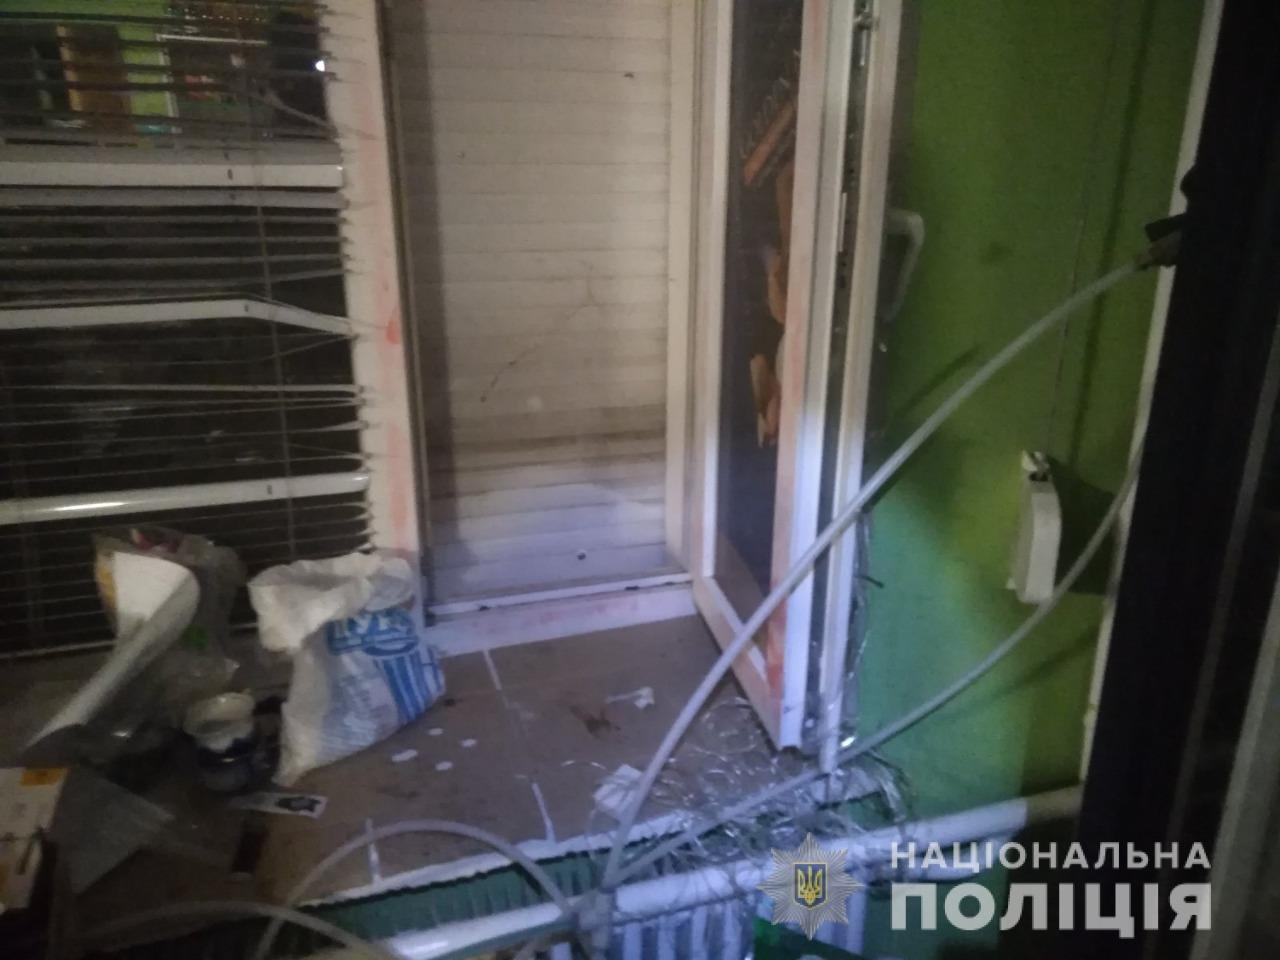 Винесли спиртне і платіжні картки: на Лозівщині підлітків підозрюють у крадіжці з магазину, фото-1